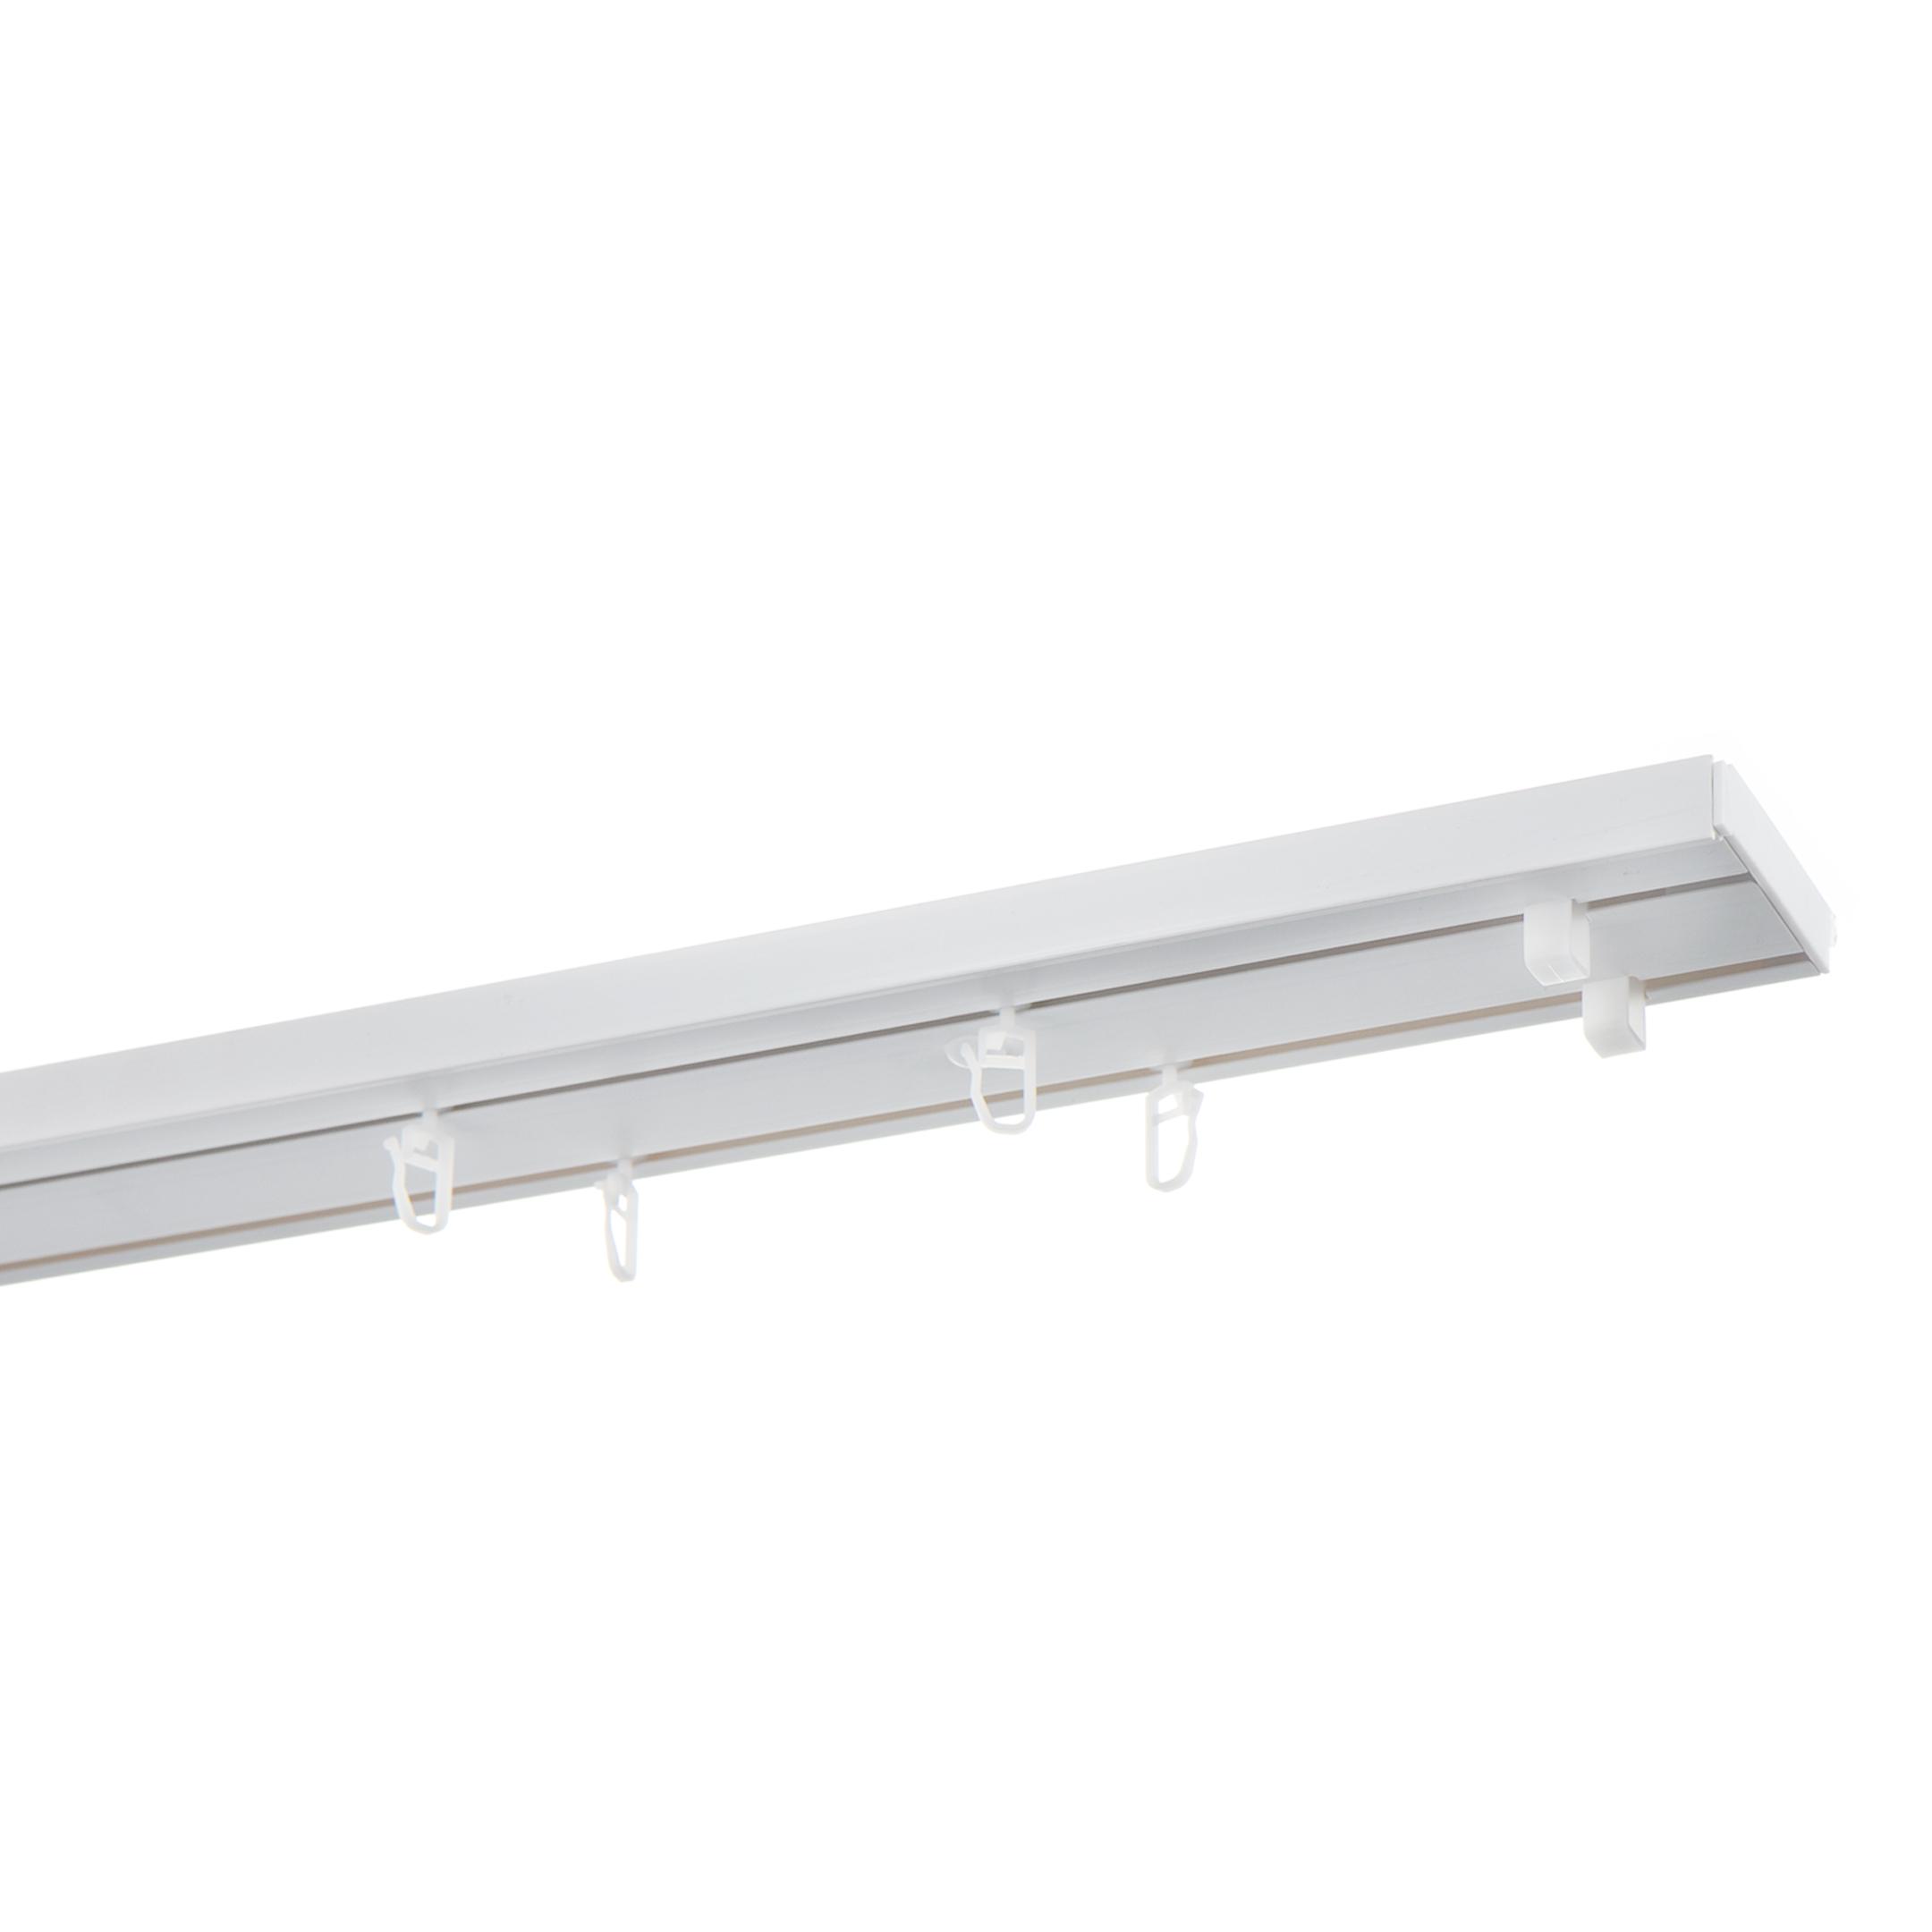 Фото - Карниз потолочный пластмассовый двухрядный Стандартный 300 см белый карниз потолочный пластмассовый двухрядный стандартный 200 см белый